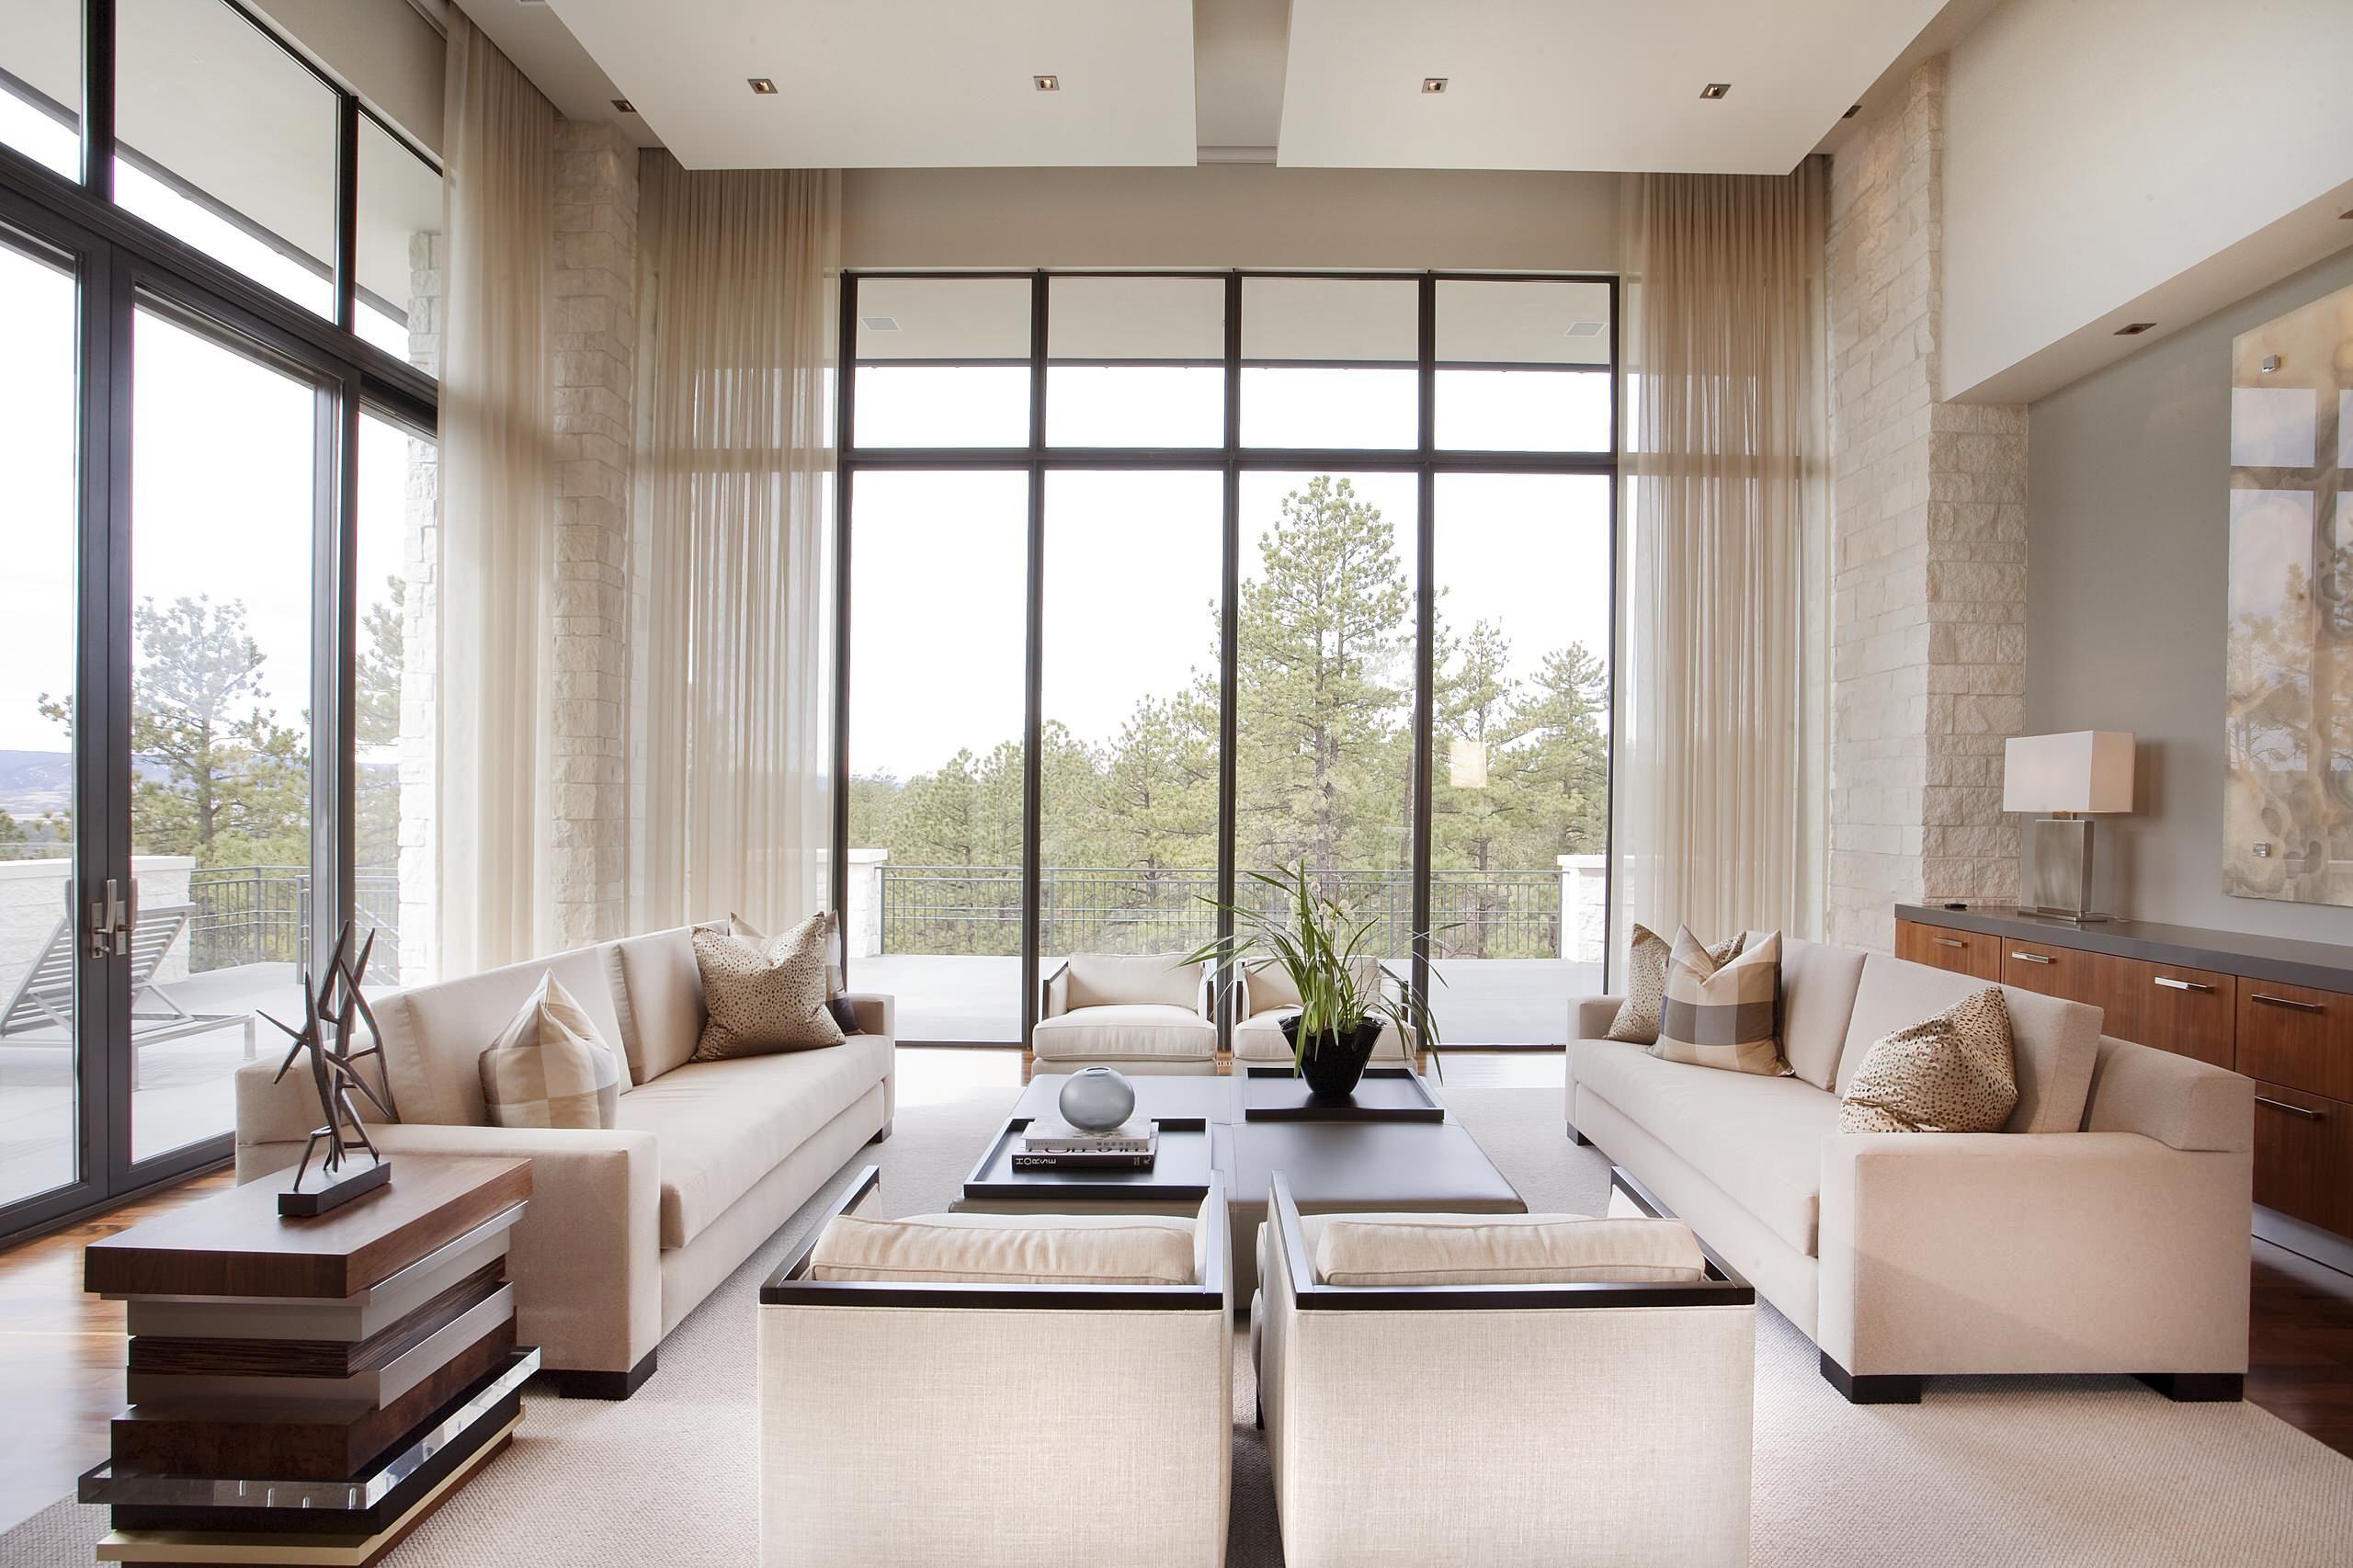 Fotos de cortinas para sala cortinas para salas modernas - Estor con cortina ...